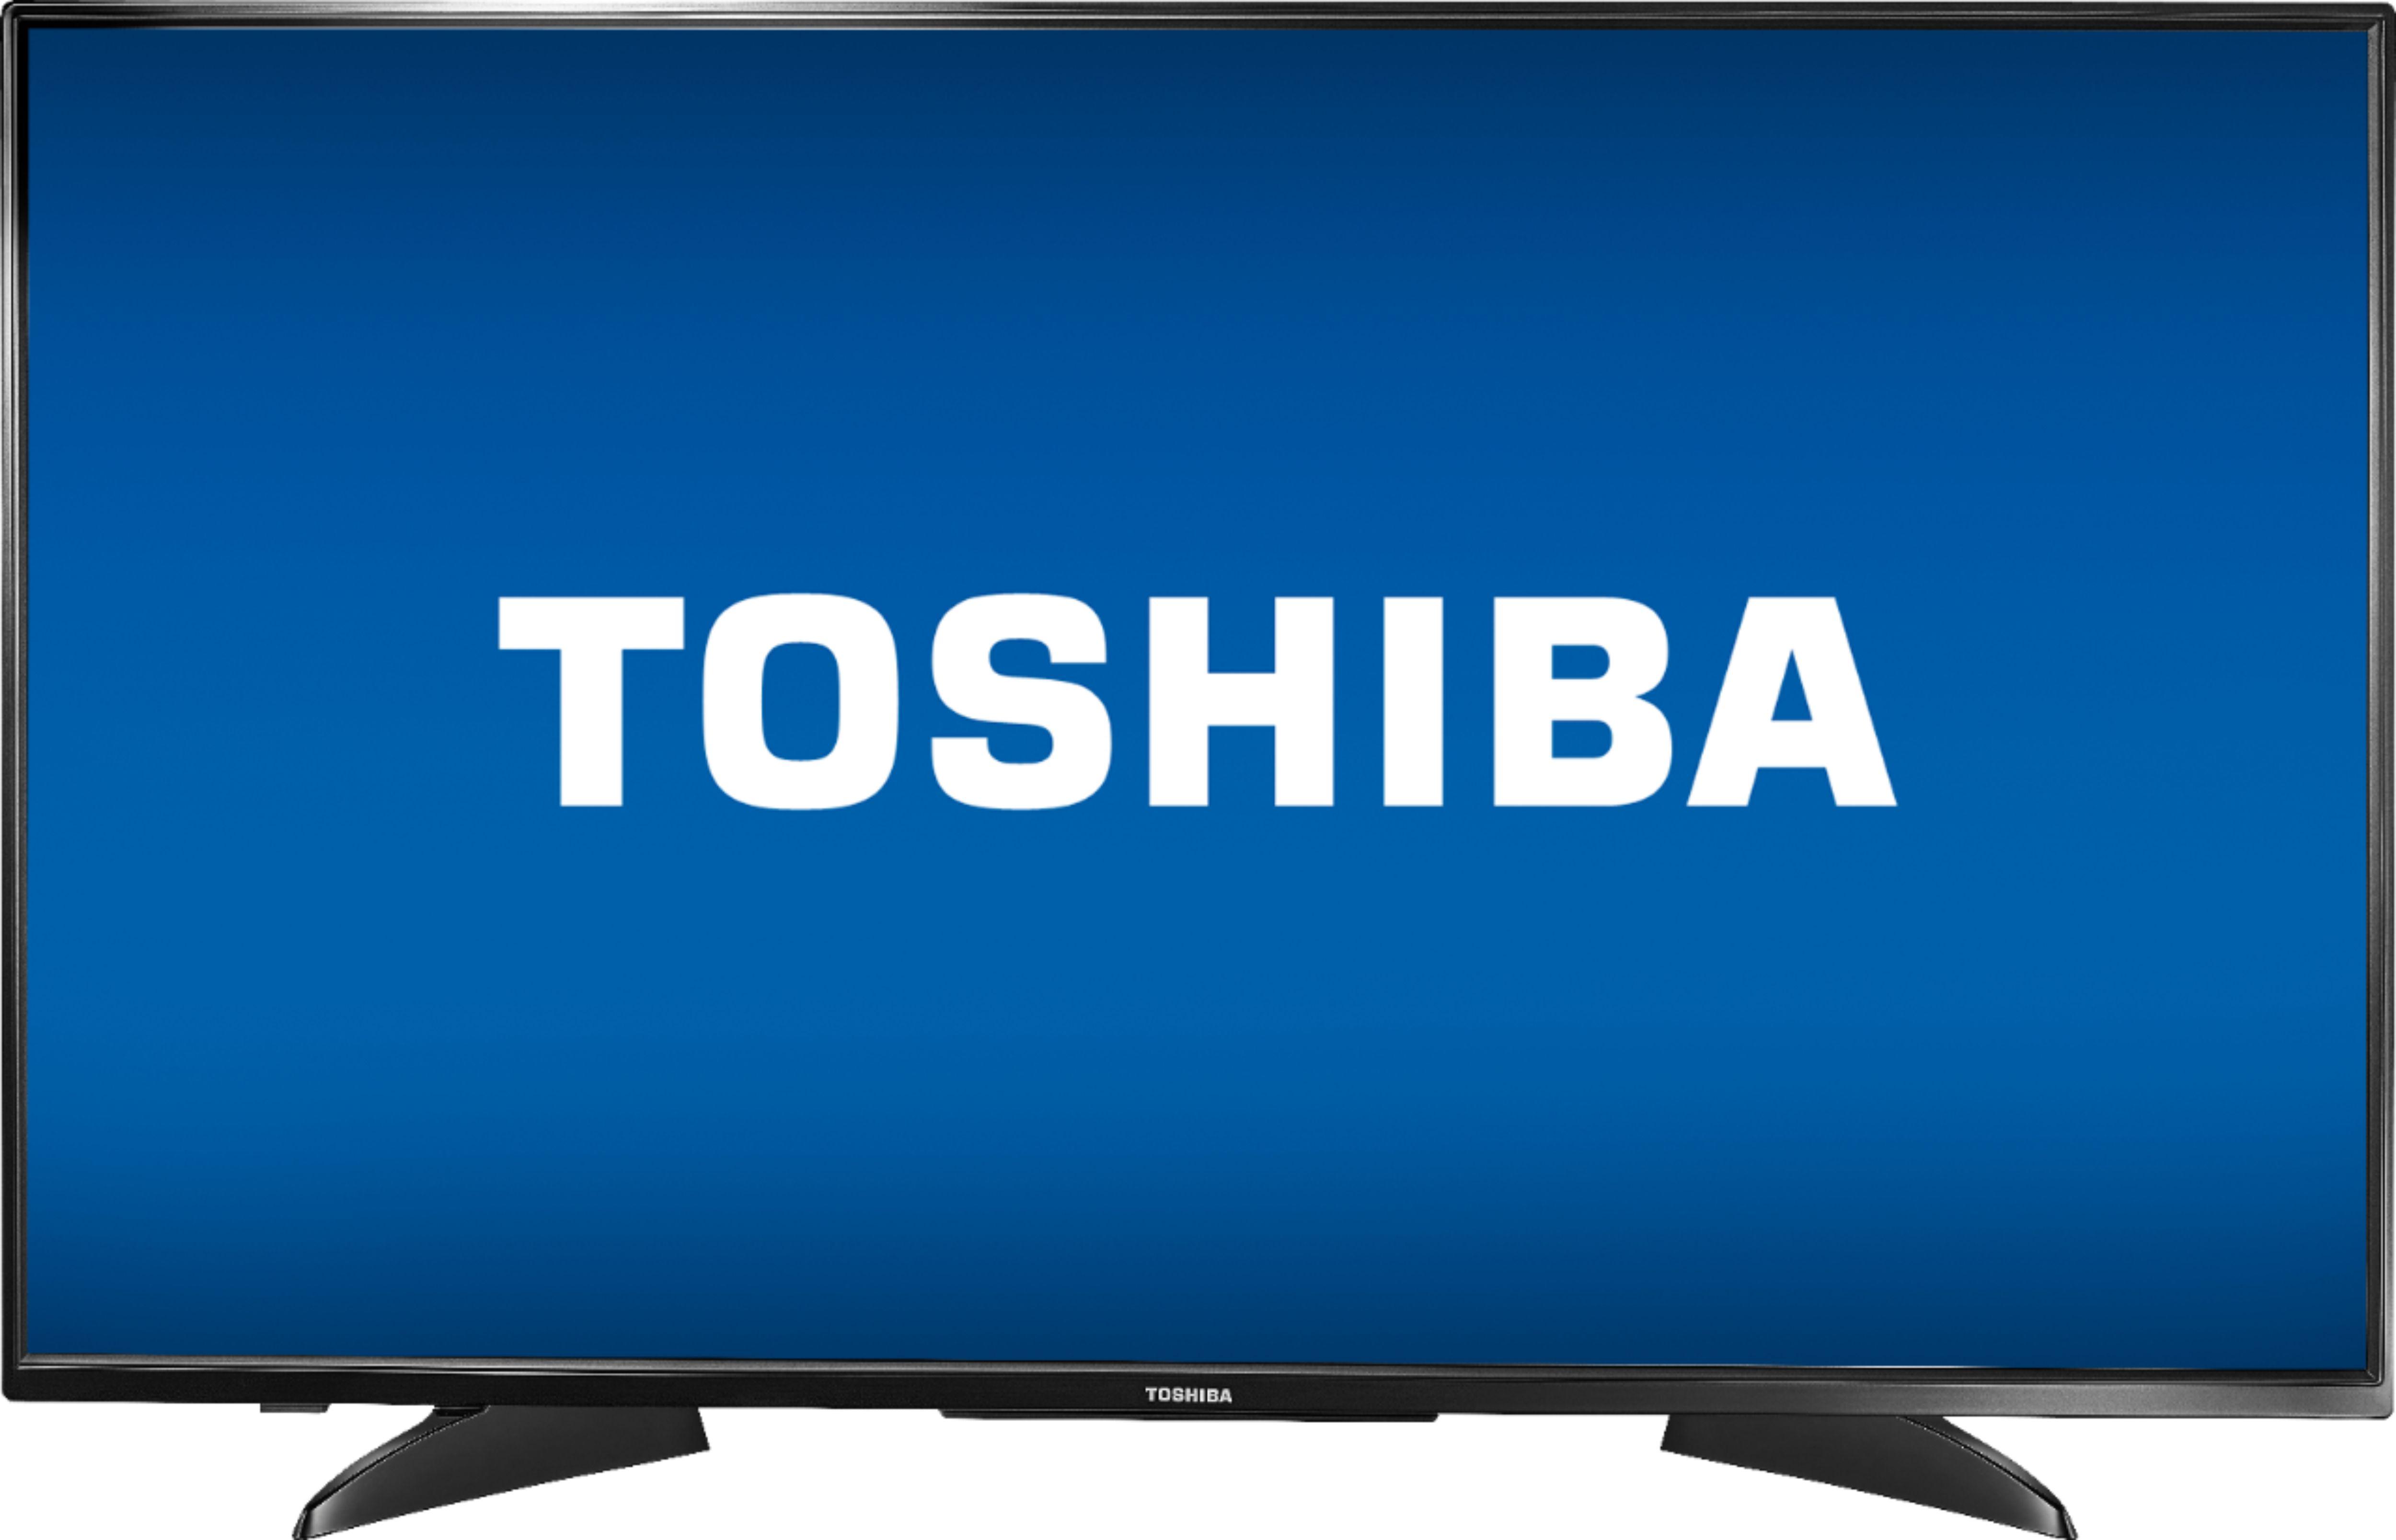 Image 15 for Toshiba 43LF621U19